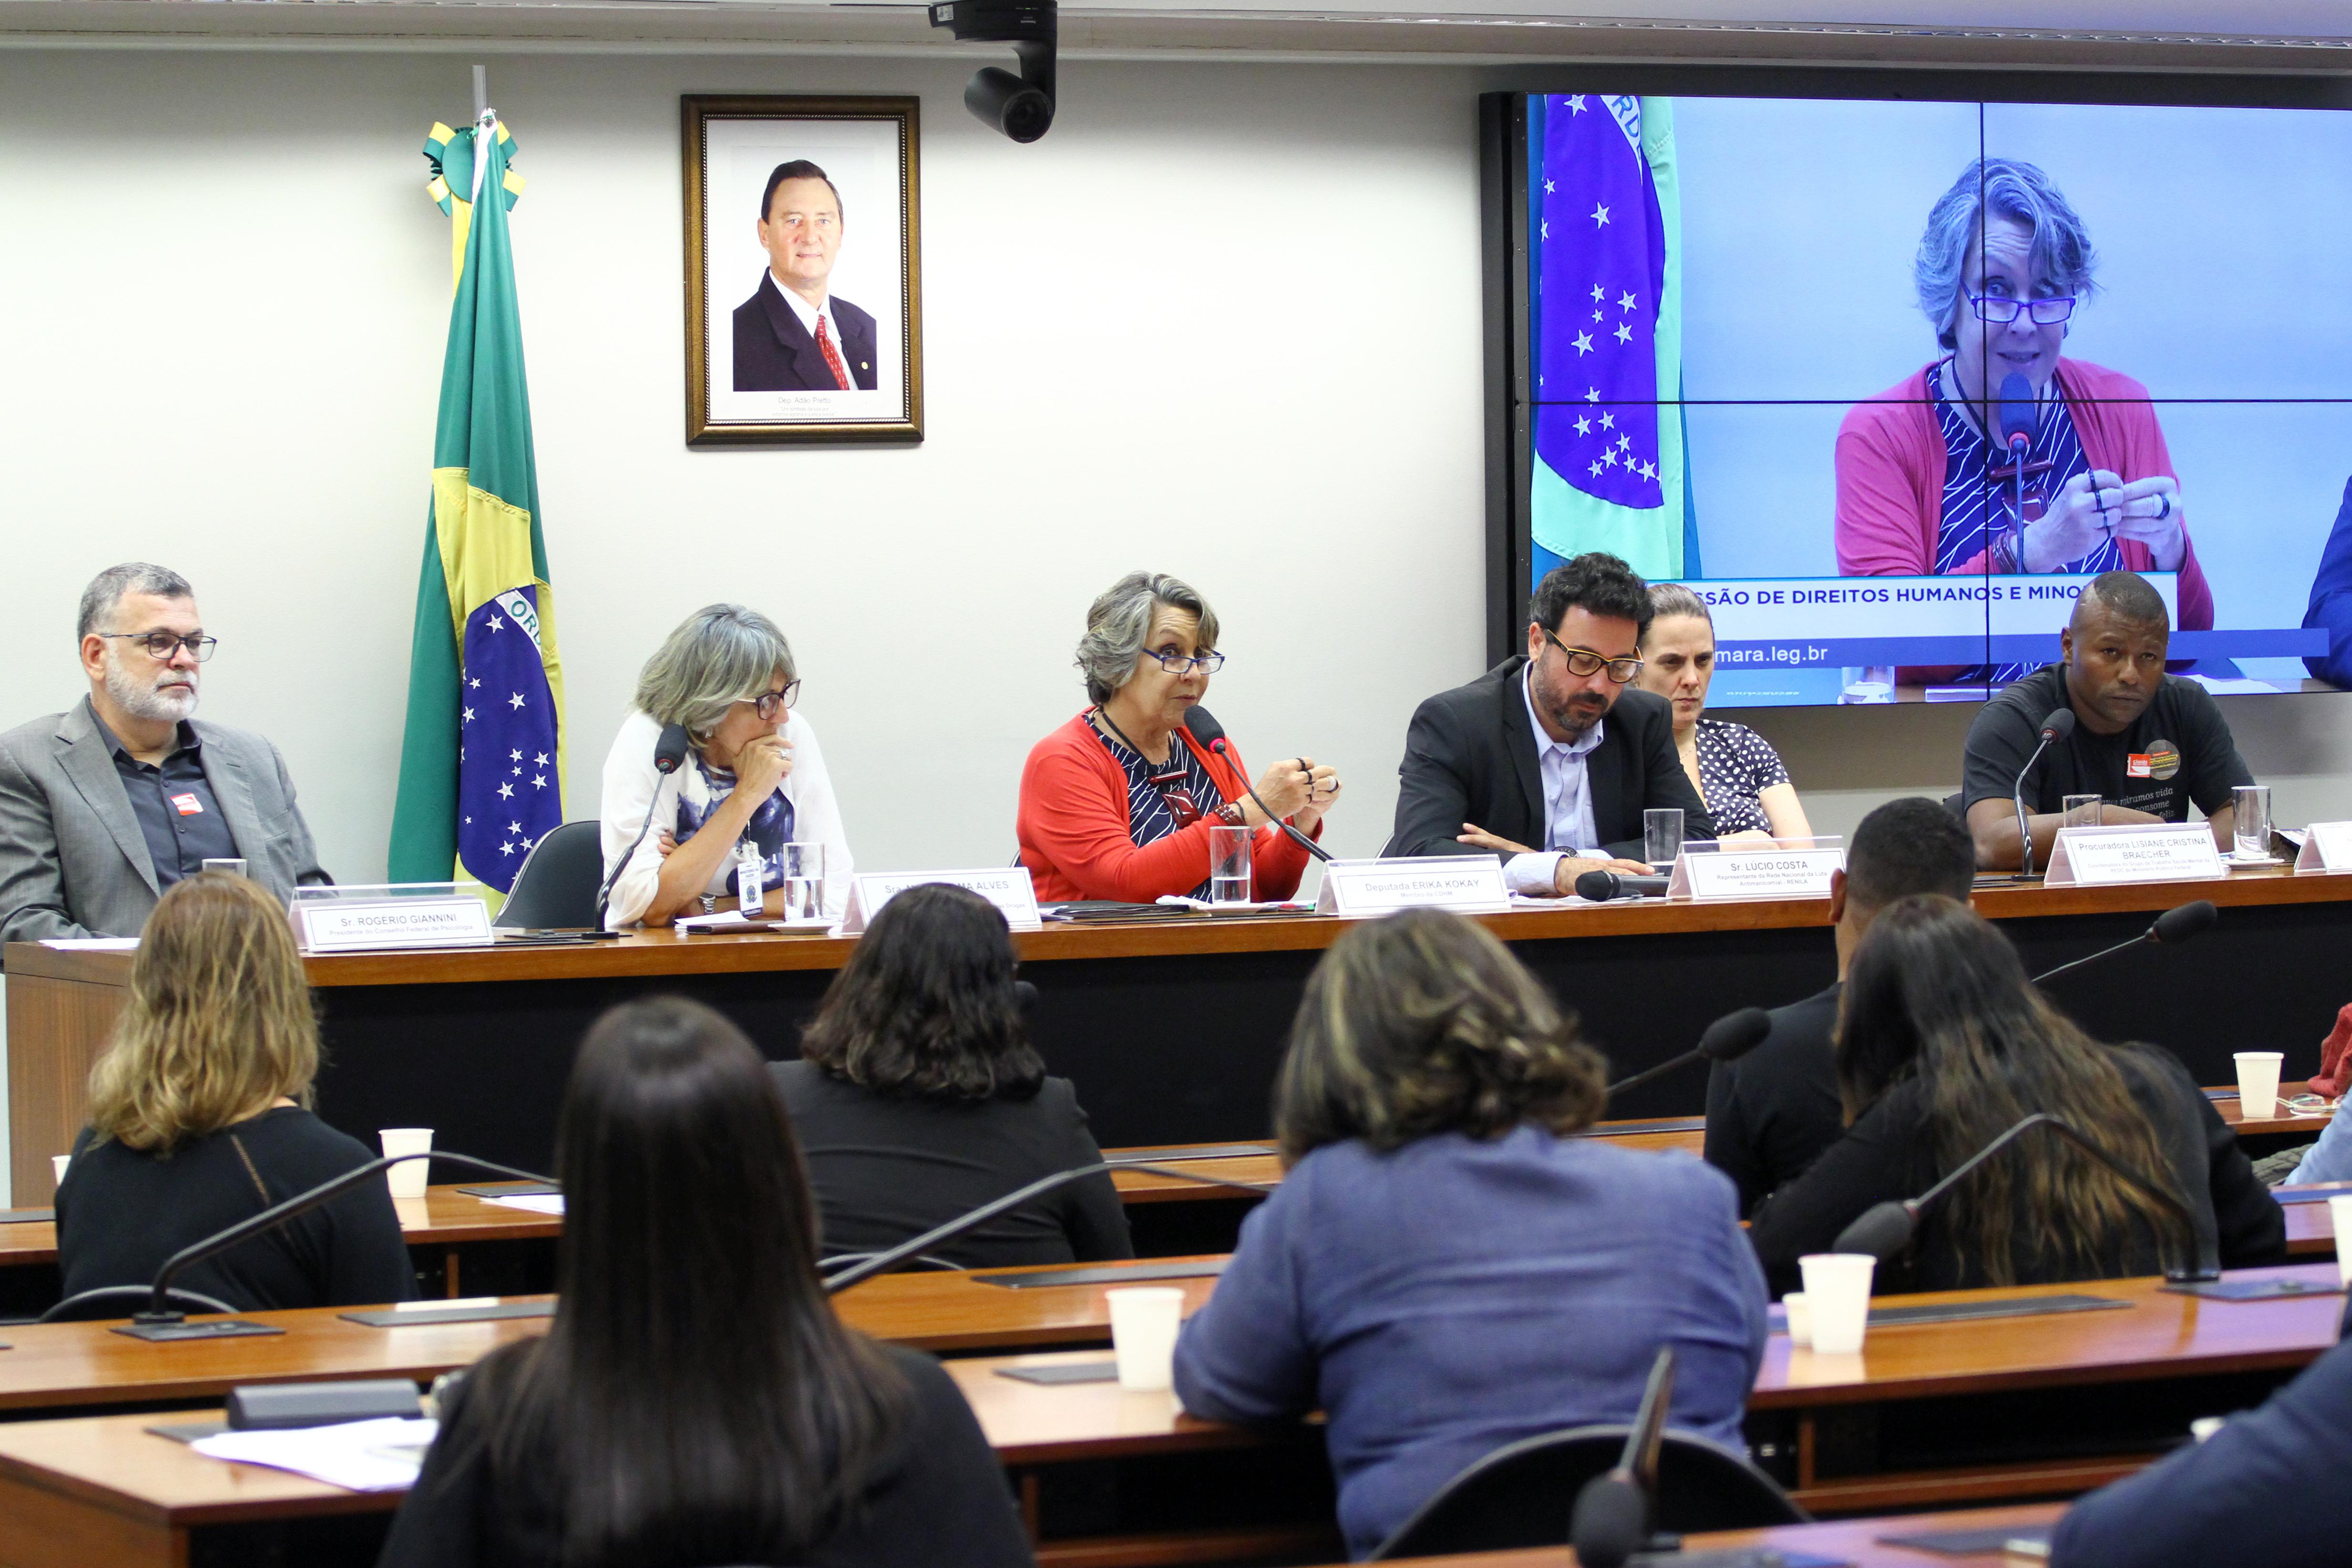 Audiência pública sobre as mudanças na política de saúde mental, álcool e outras drogas